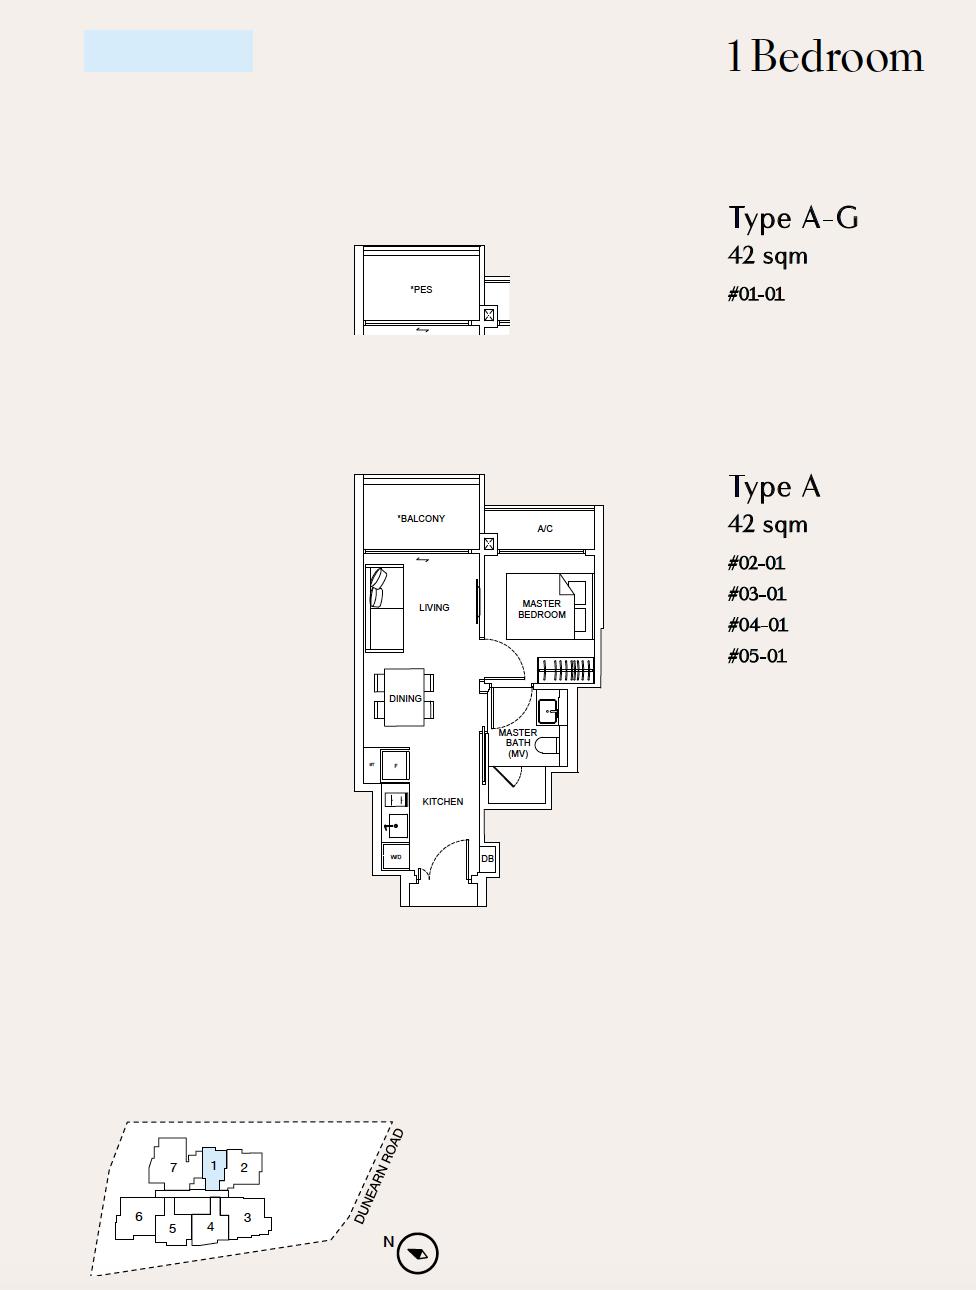 Dunearn-386-1-bedroom-floor-plan